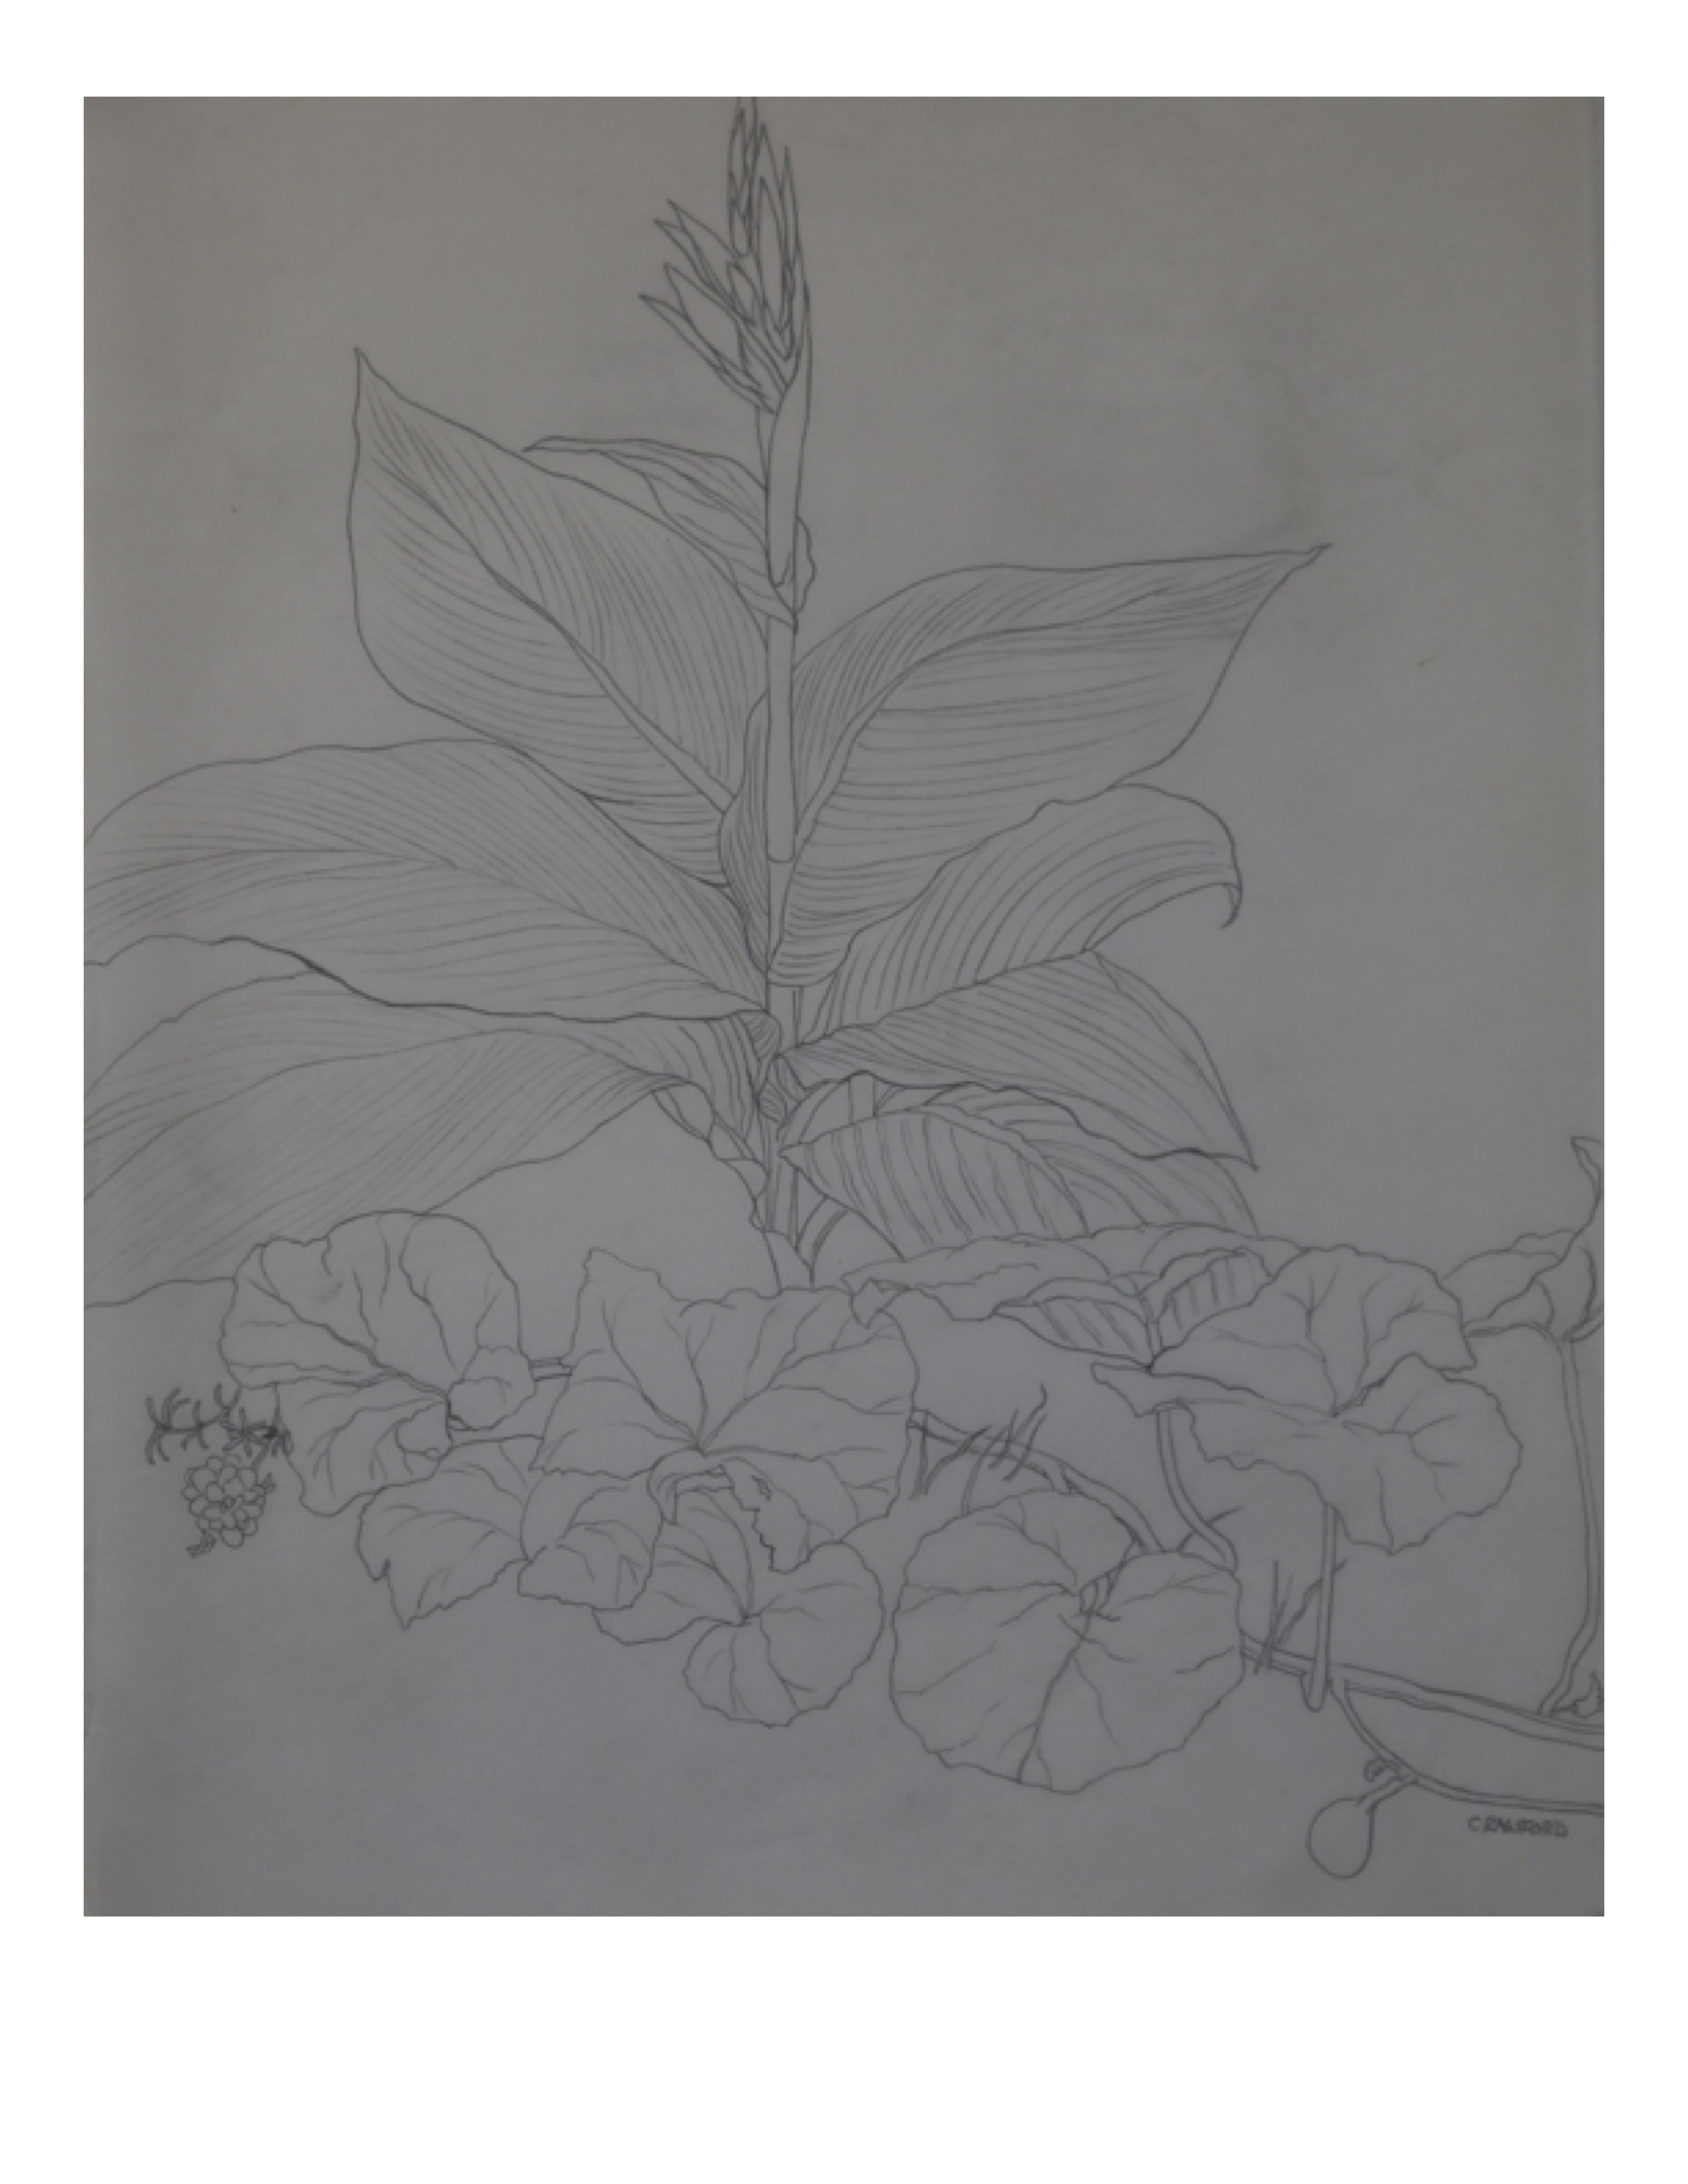 Lahore garden, July 12, 1987, pencil on paper, 28 cm x 35.5 cm